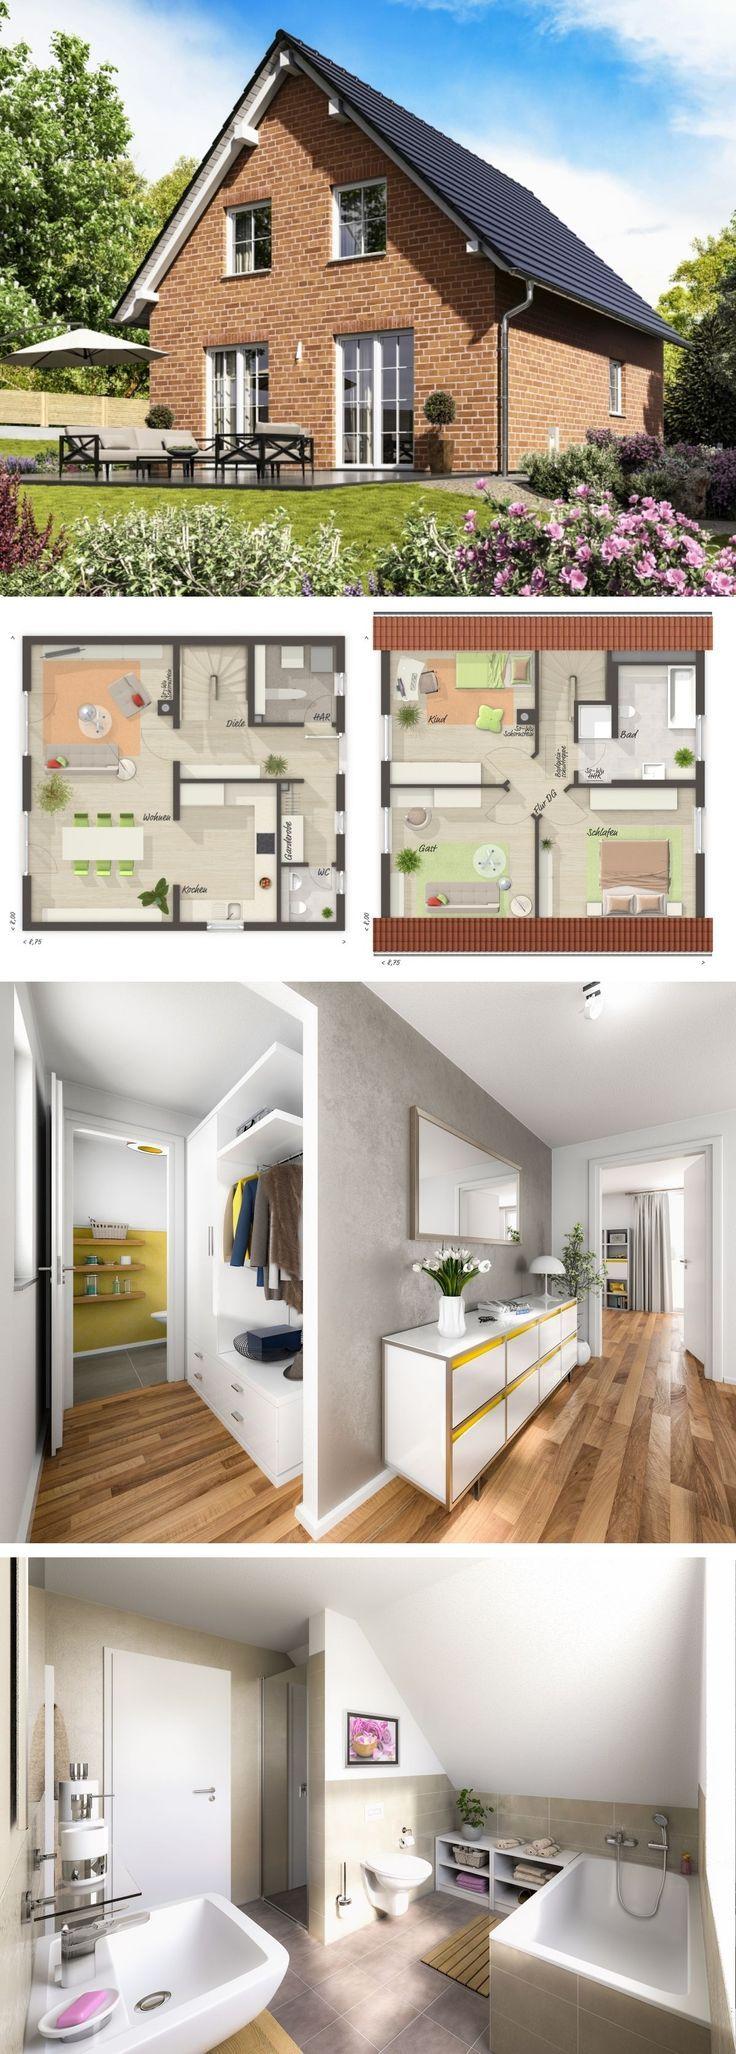 Modernes Massivhaus mit Satteldach Architektur & Klinker